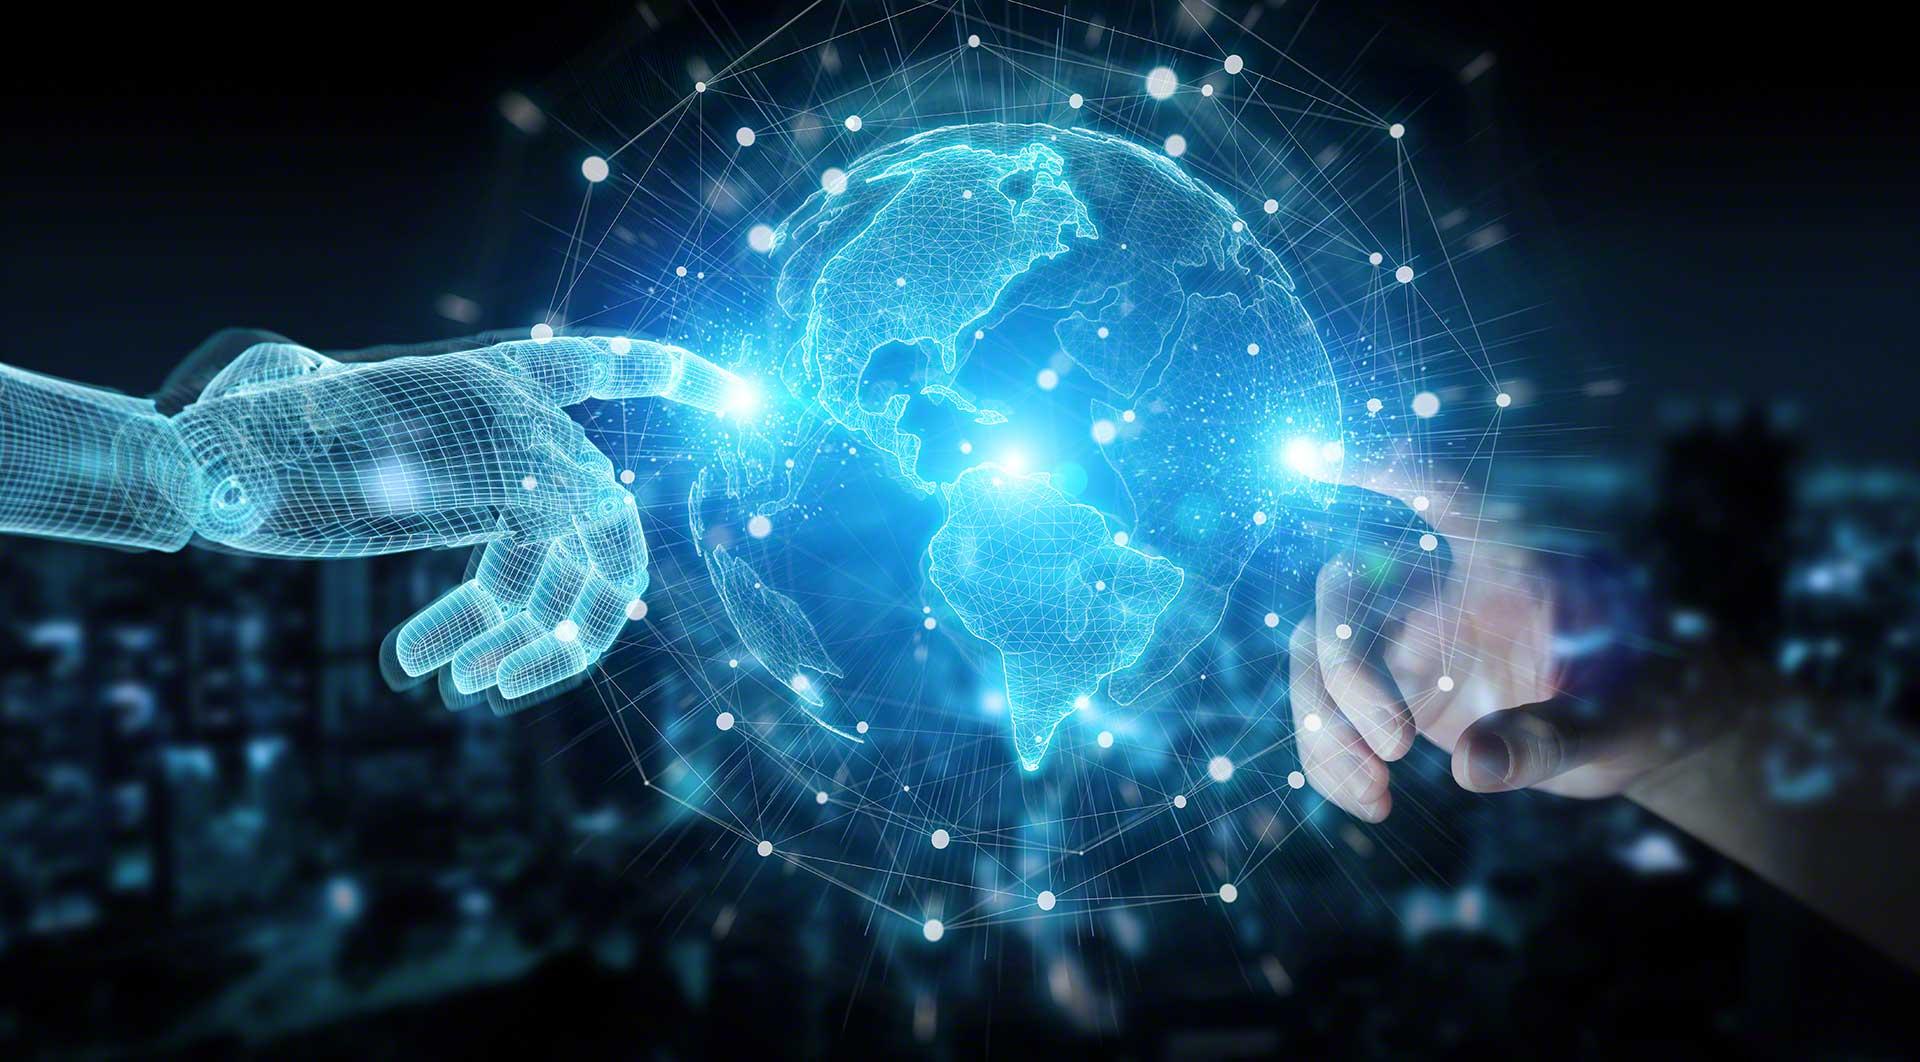 La combinaison de l'intelligence artificielle et de l'IoT facilitera la mise en œuvre de jumeaux numériques dans l'entrepôt